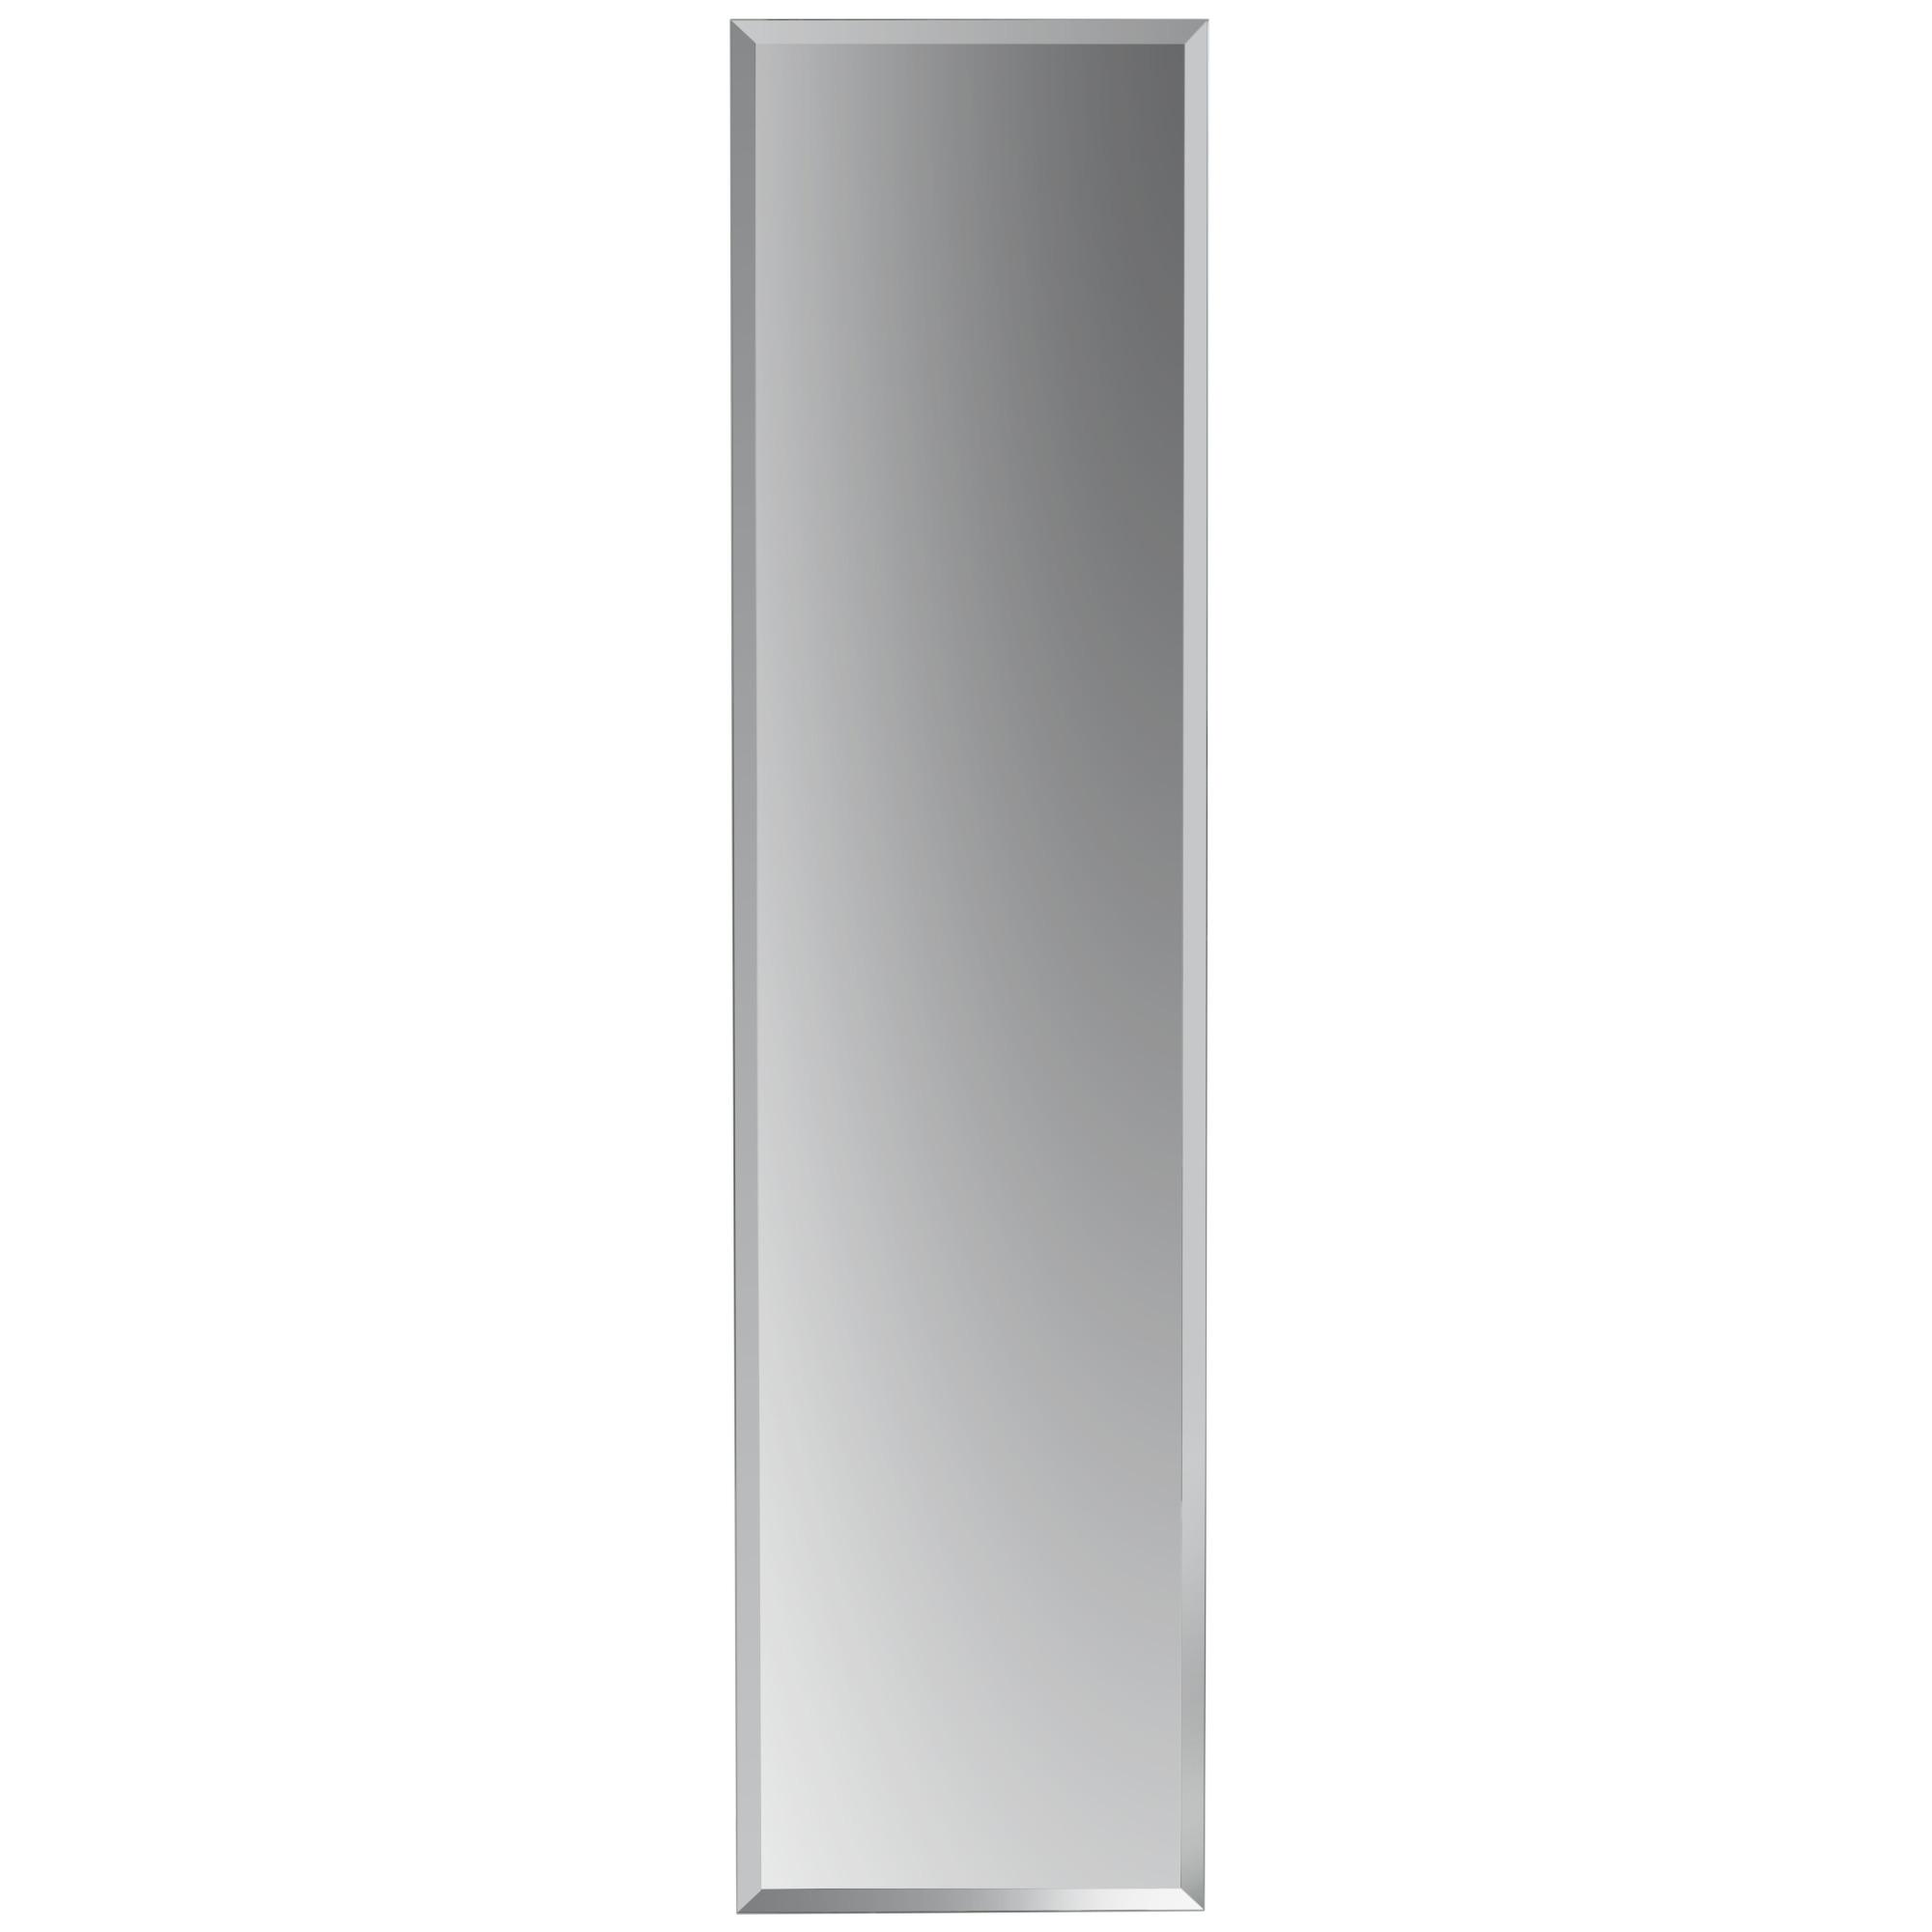 plieger spiegel charleston zilver 120x30 cm spiegels